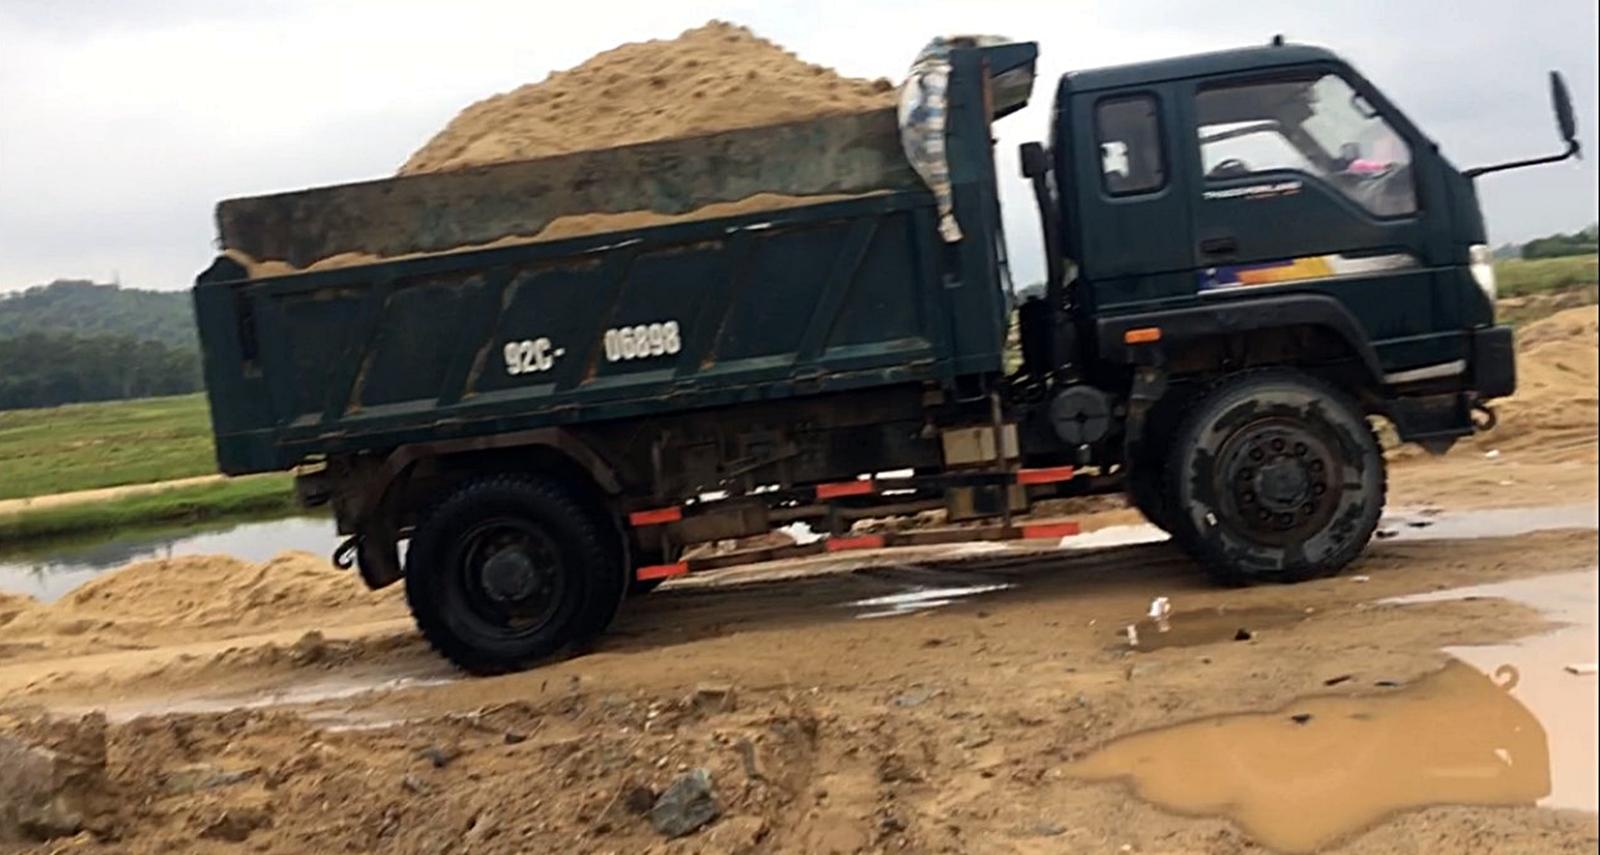 Cát được múc lên xe tải chuẩn bị chở đi tiêu thụ thì bị Phòng Cảnh sát môi trường phát hiện, bắt giữ.